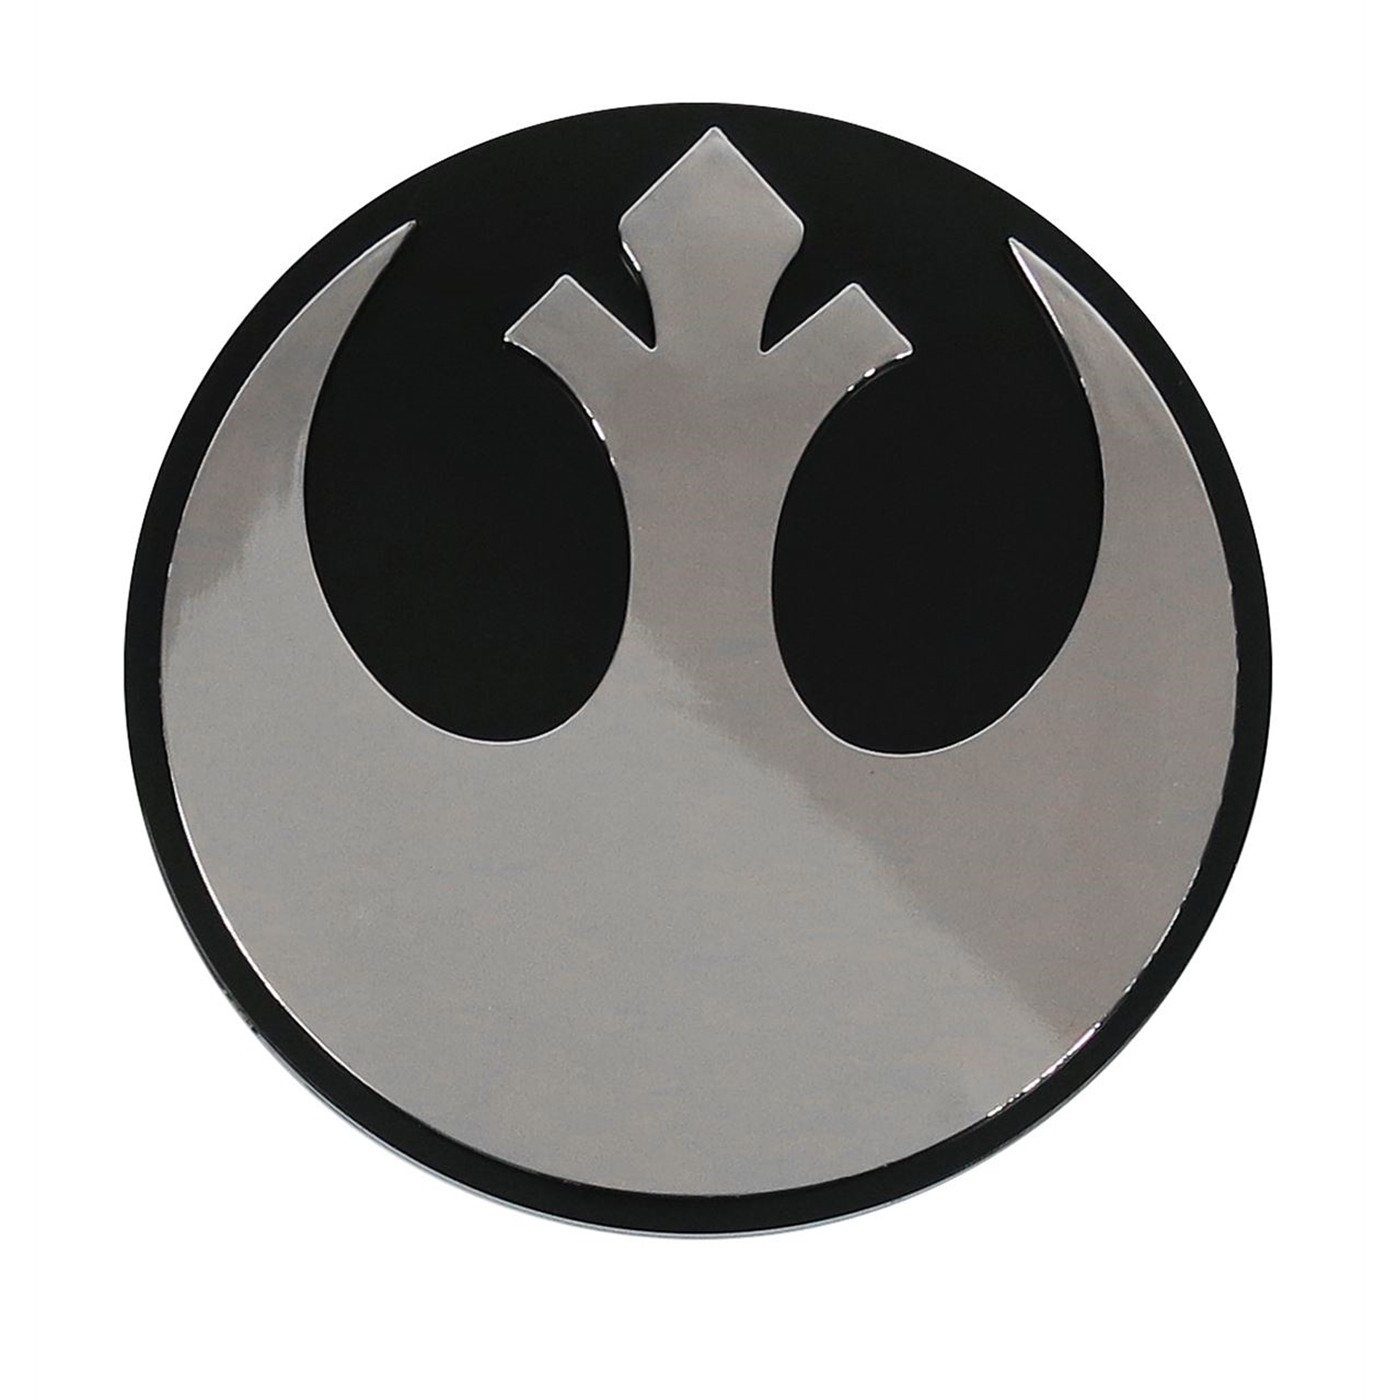 Star Wars Rebel Chrome Car Emblem